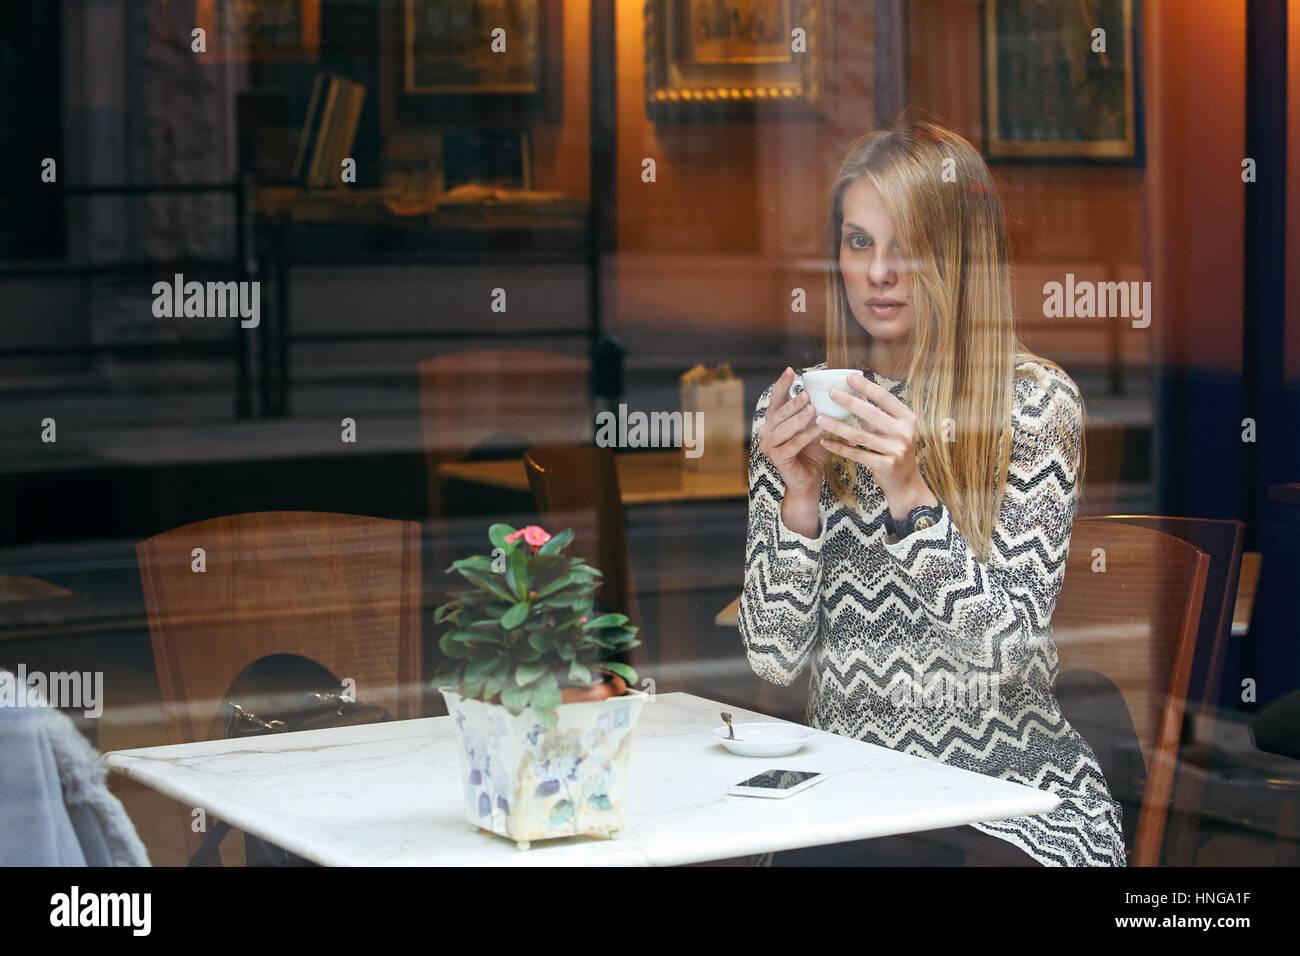 Mujer con una taza de café. Filmación urbana a través de la ventana Imagen De Stock